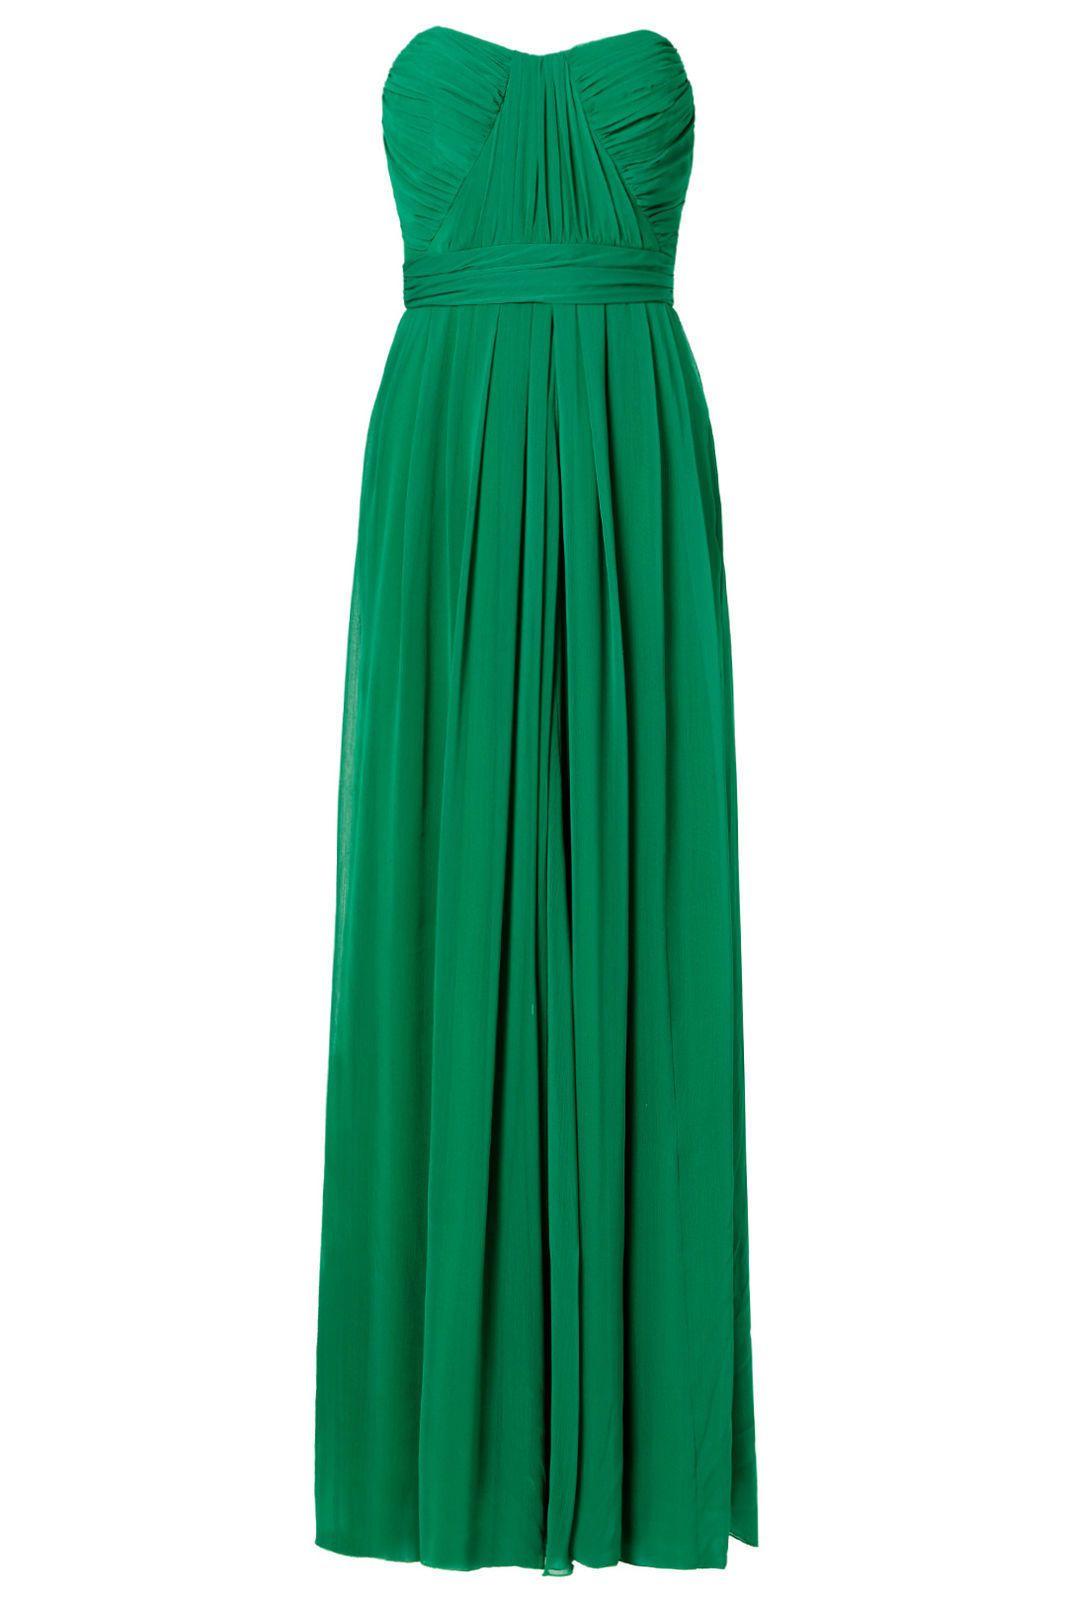 Cool great badgley mischka green womenus size empirewaist